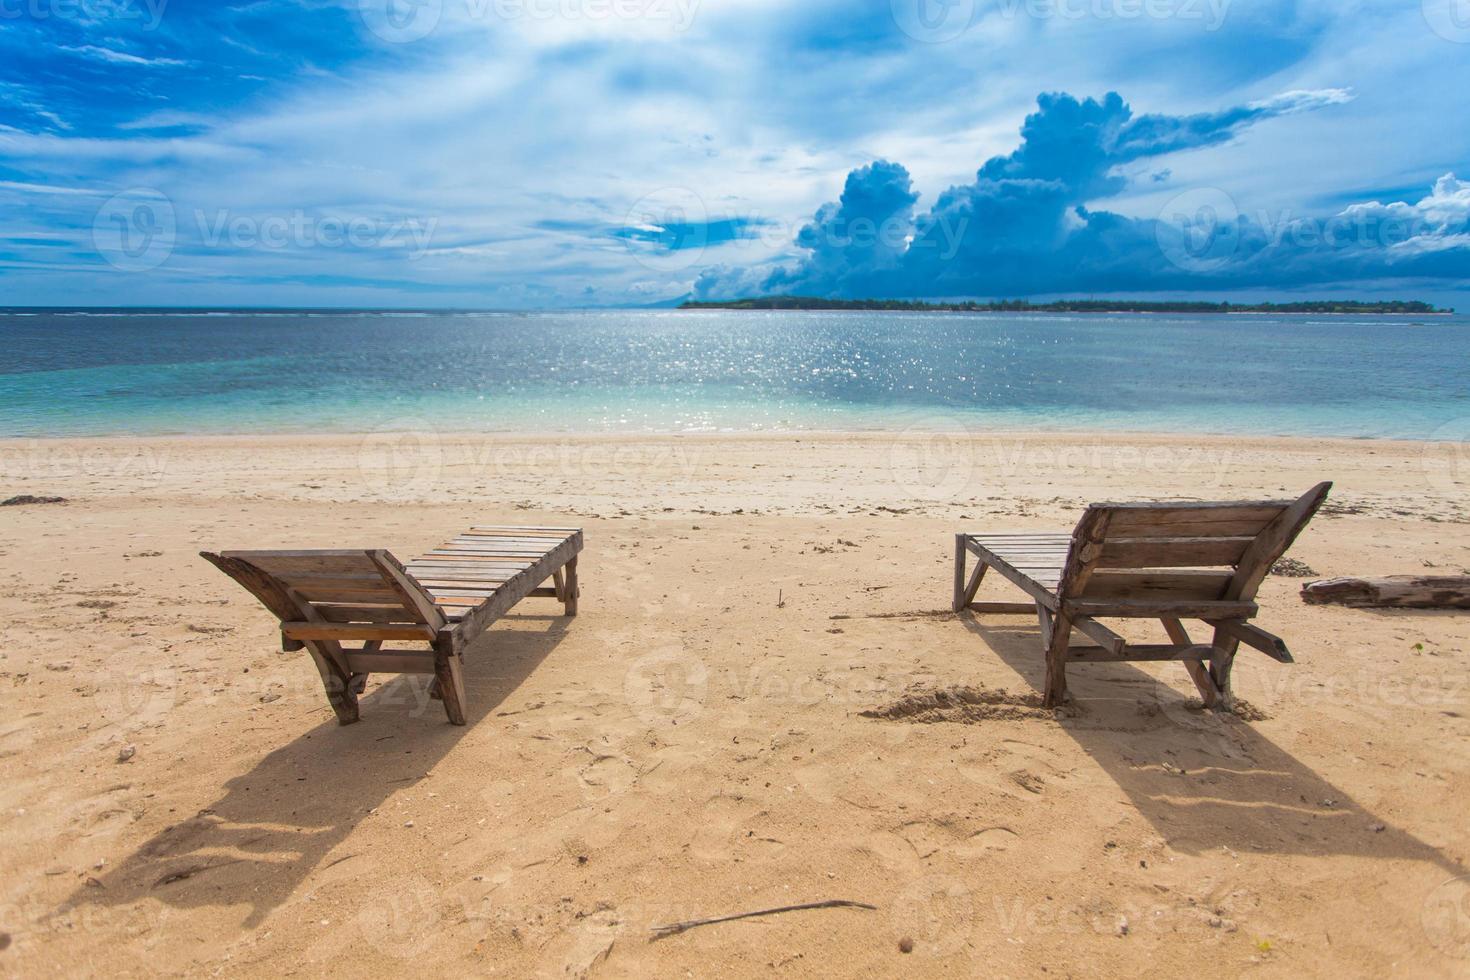 spiaggia solitaria foto